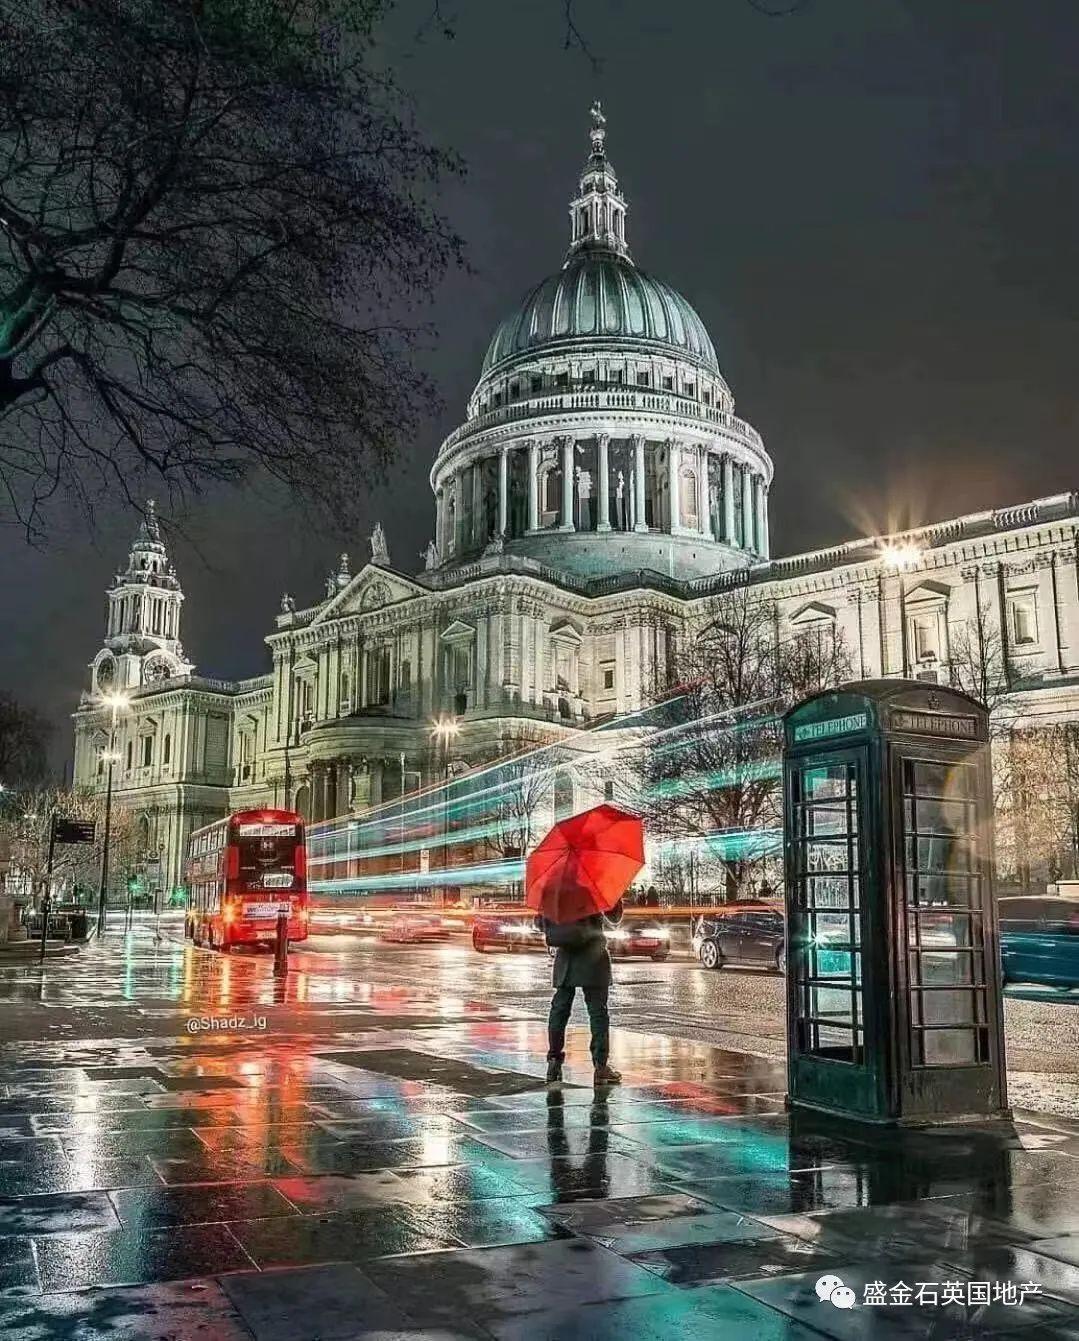 英国脱欧后房租涨了,为何留学生反而多了?